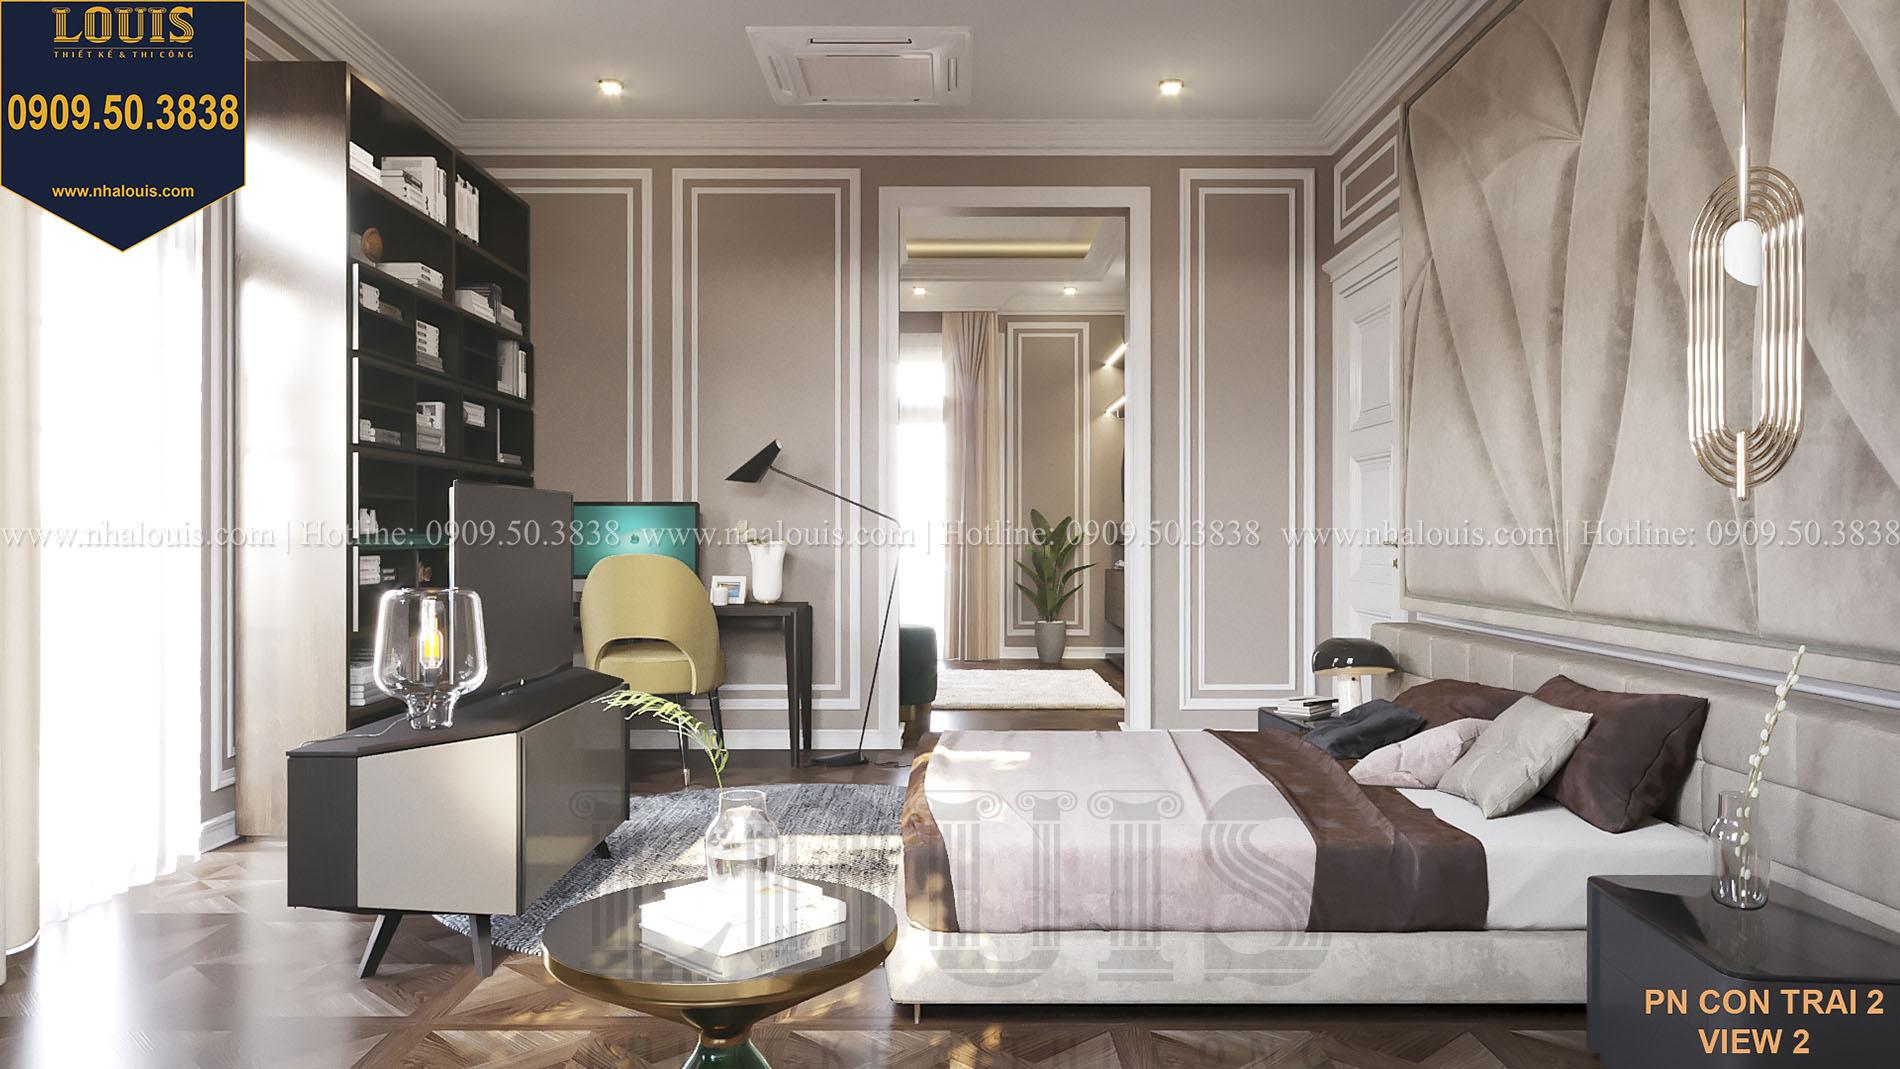 Phòng ngủ biệt thự nội thất Ý